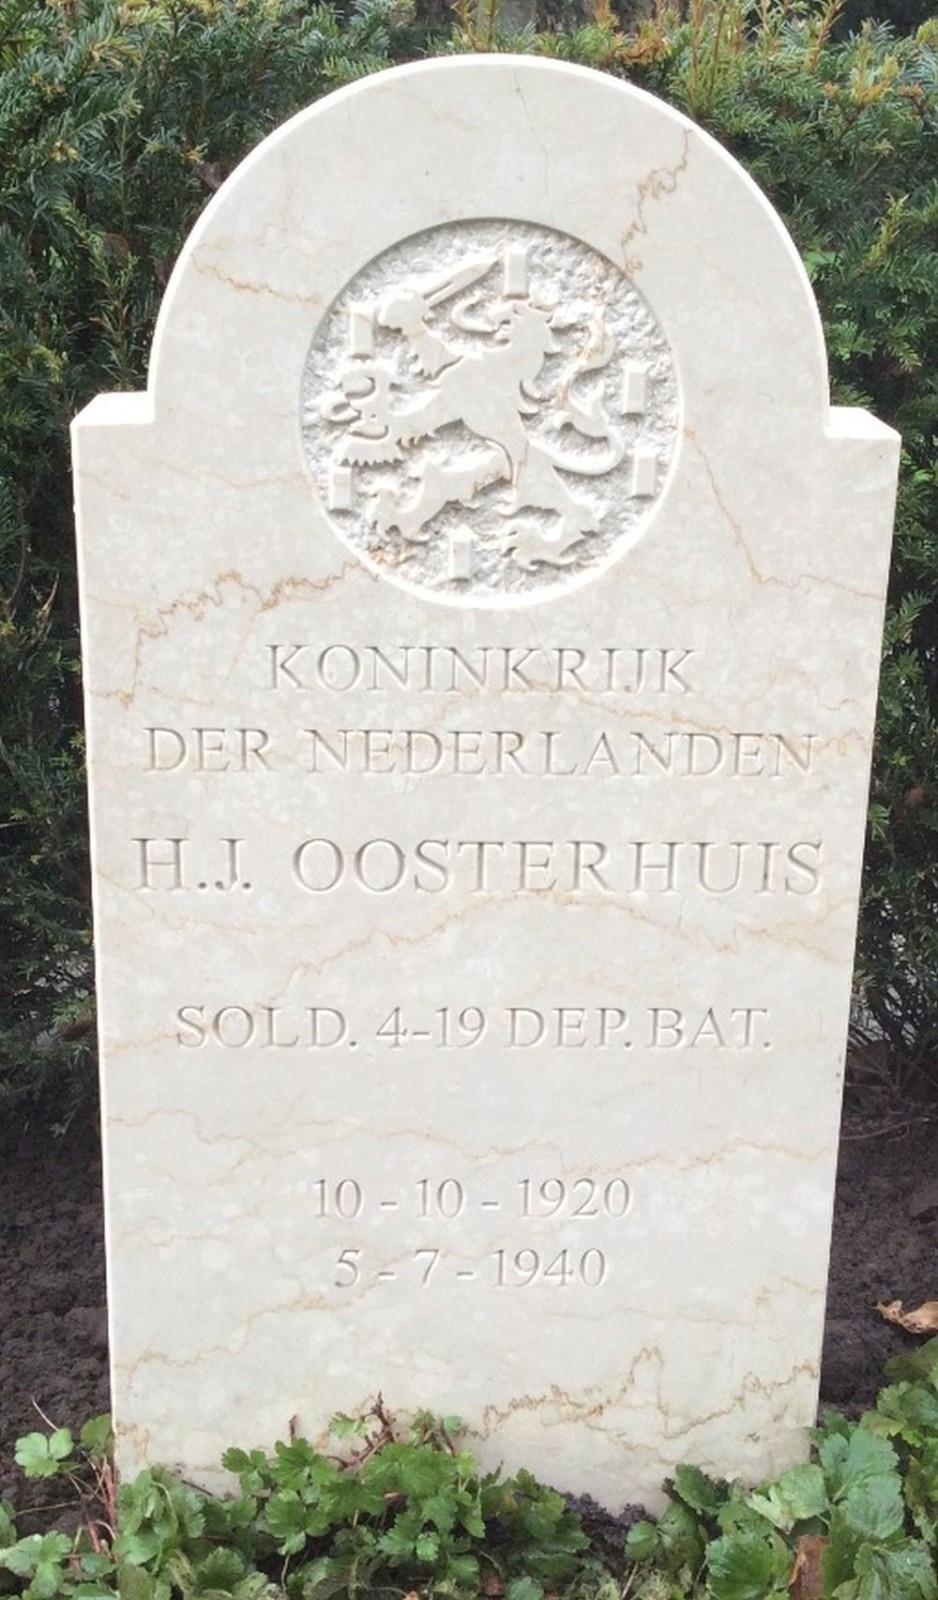 Hendrik Jan Oosterhuis